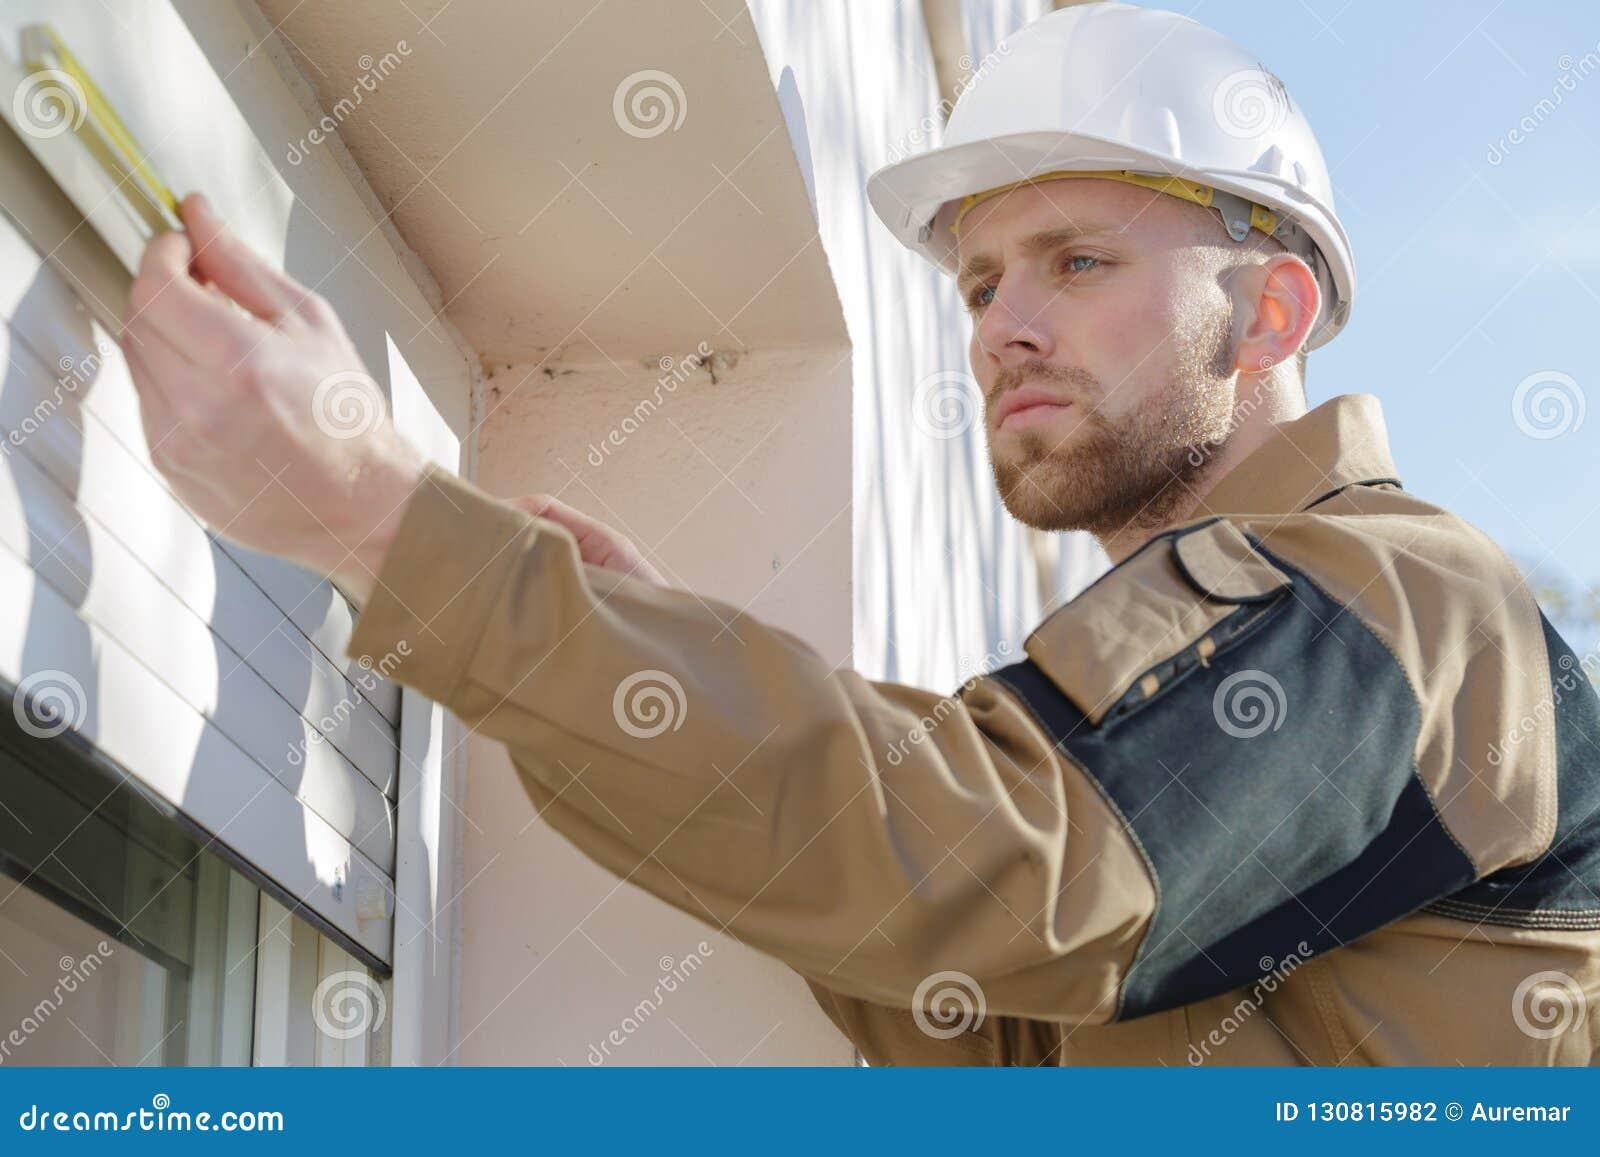 Jeune entrepreneur installant des abat-jour de fenêtre